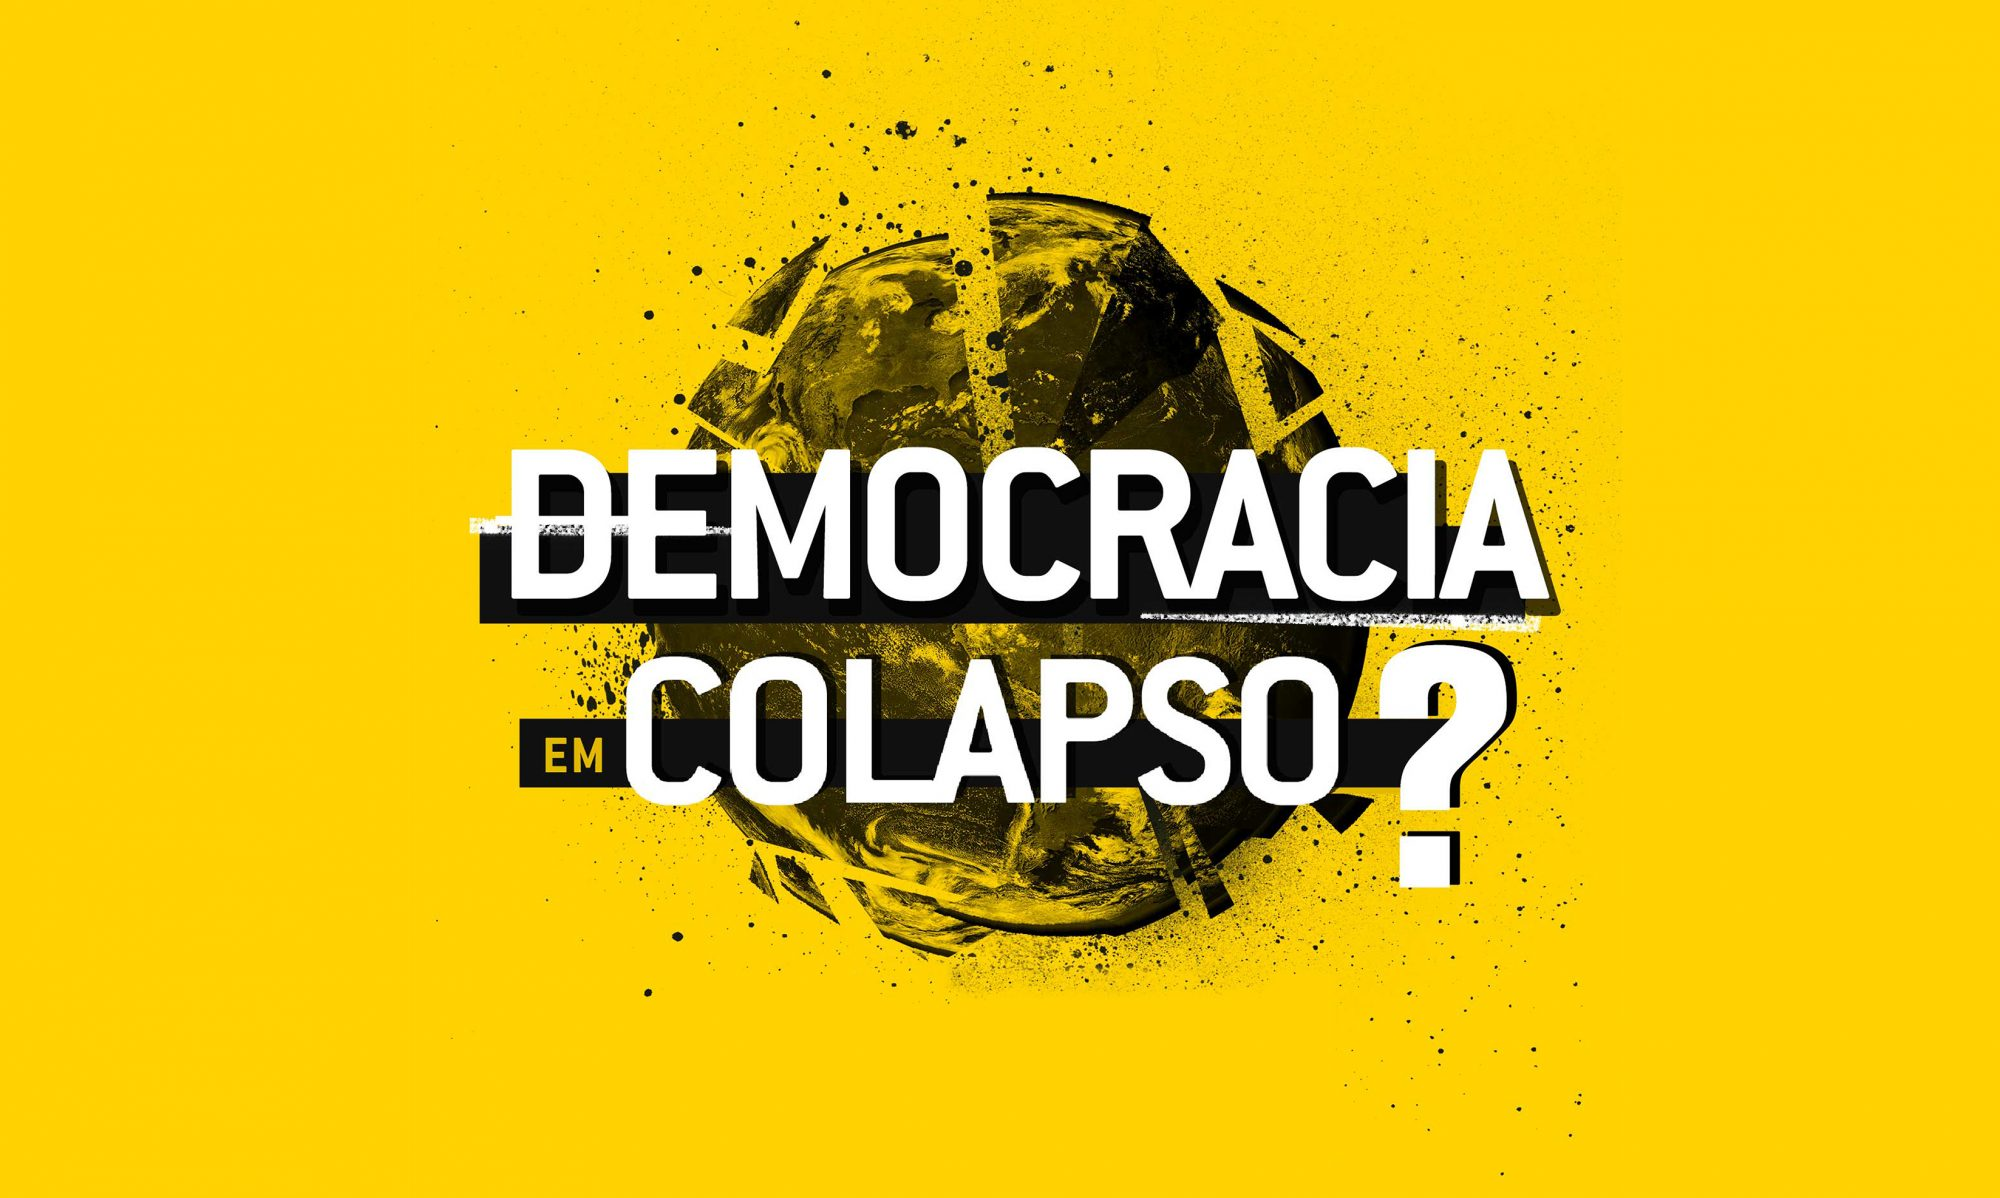 Democracia em colapso?